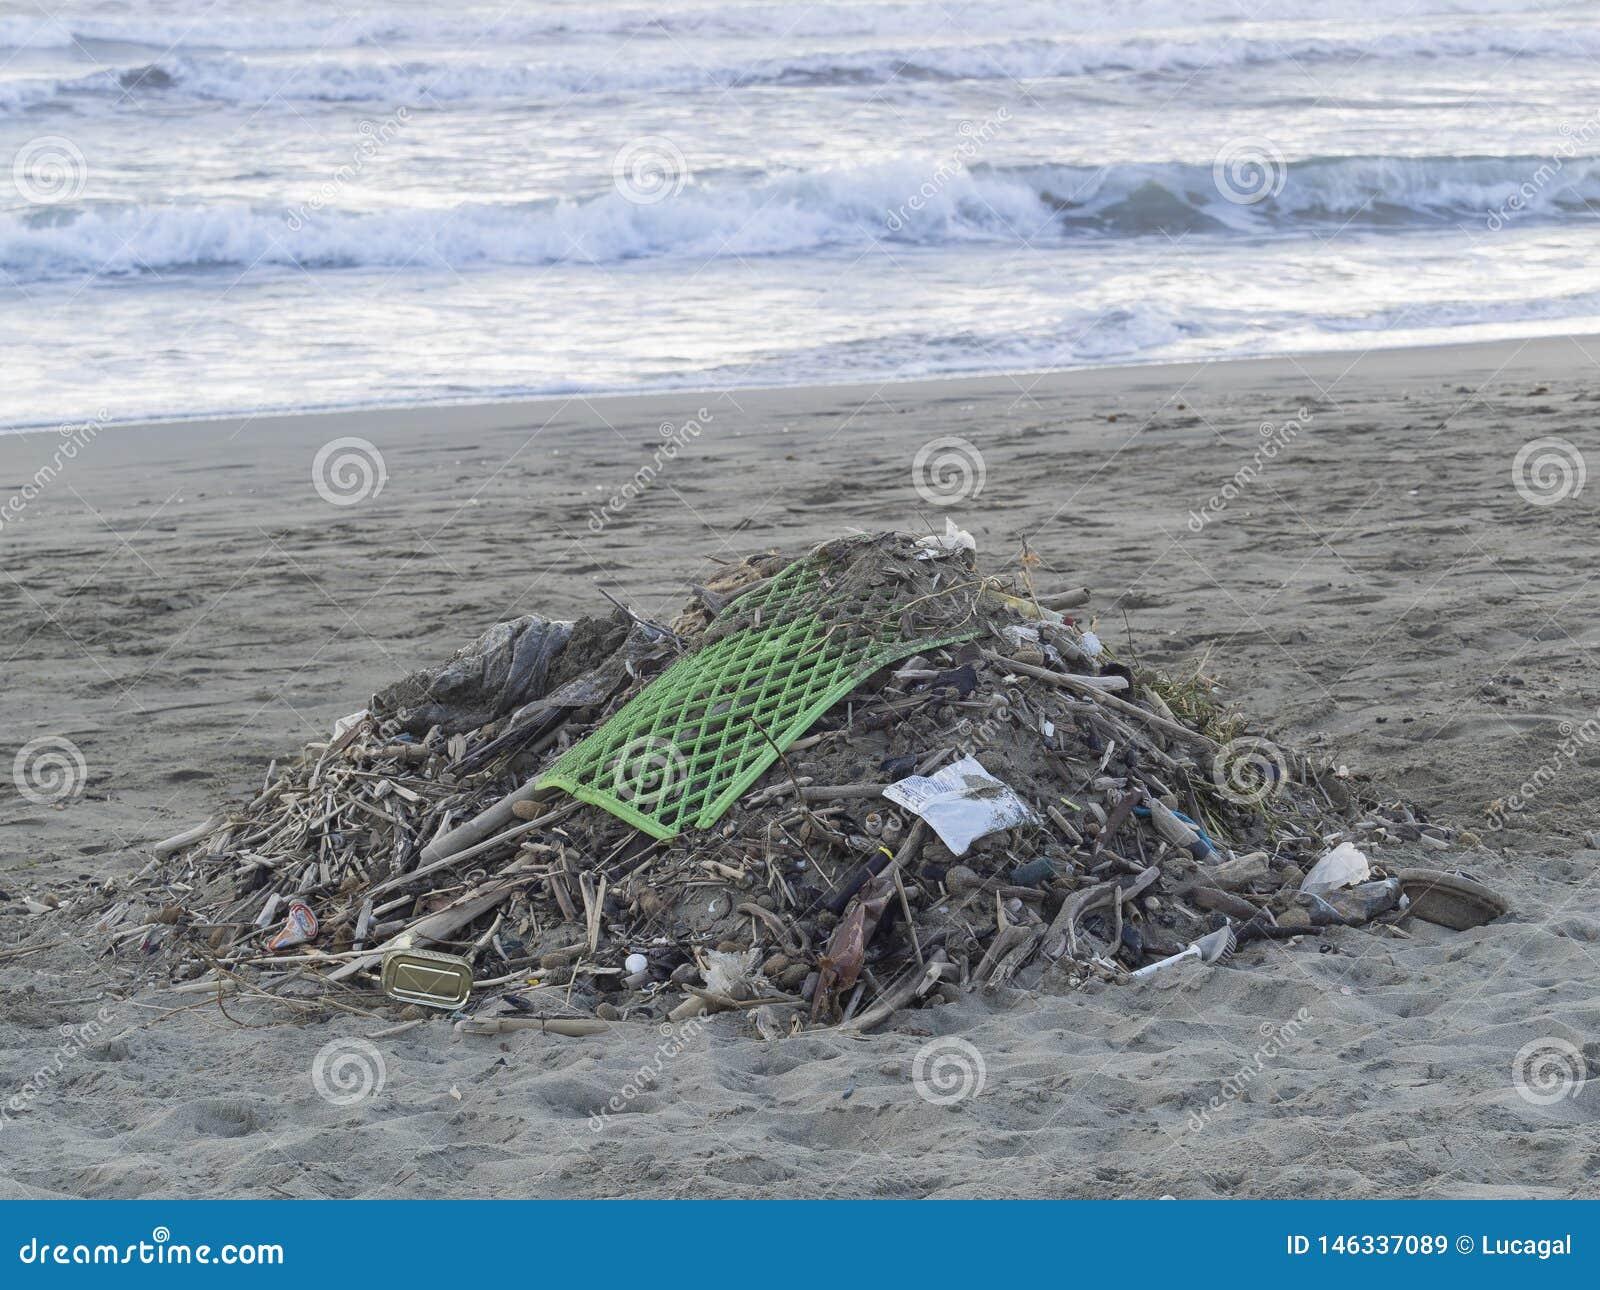 Spreco sulla spiaggia: lotti di inquinamento causante di plastica del mare